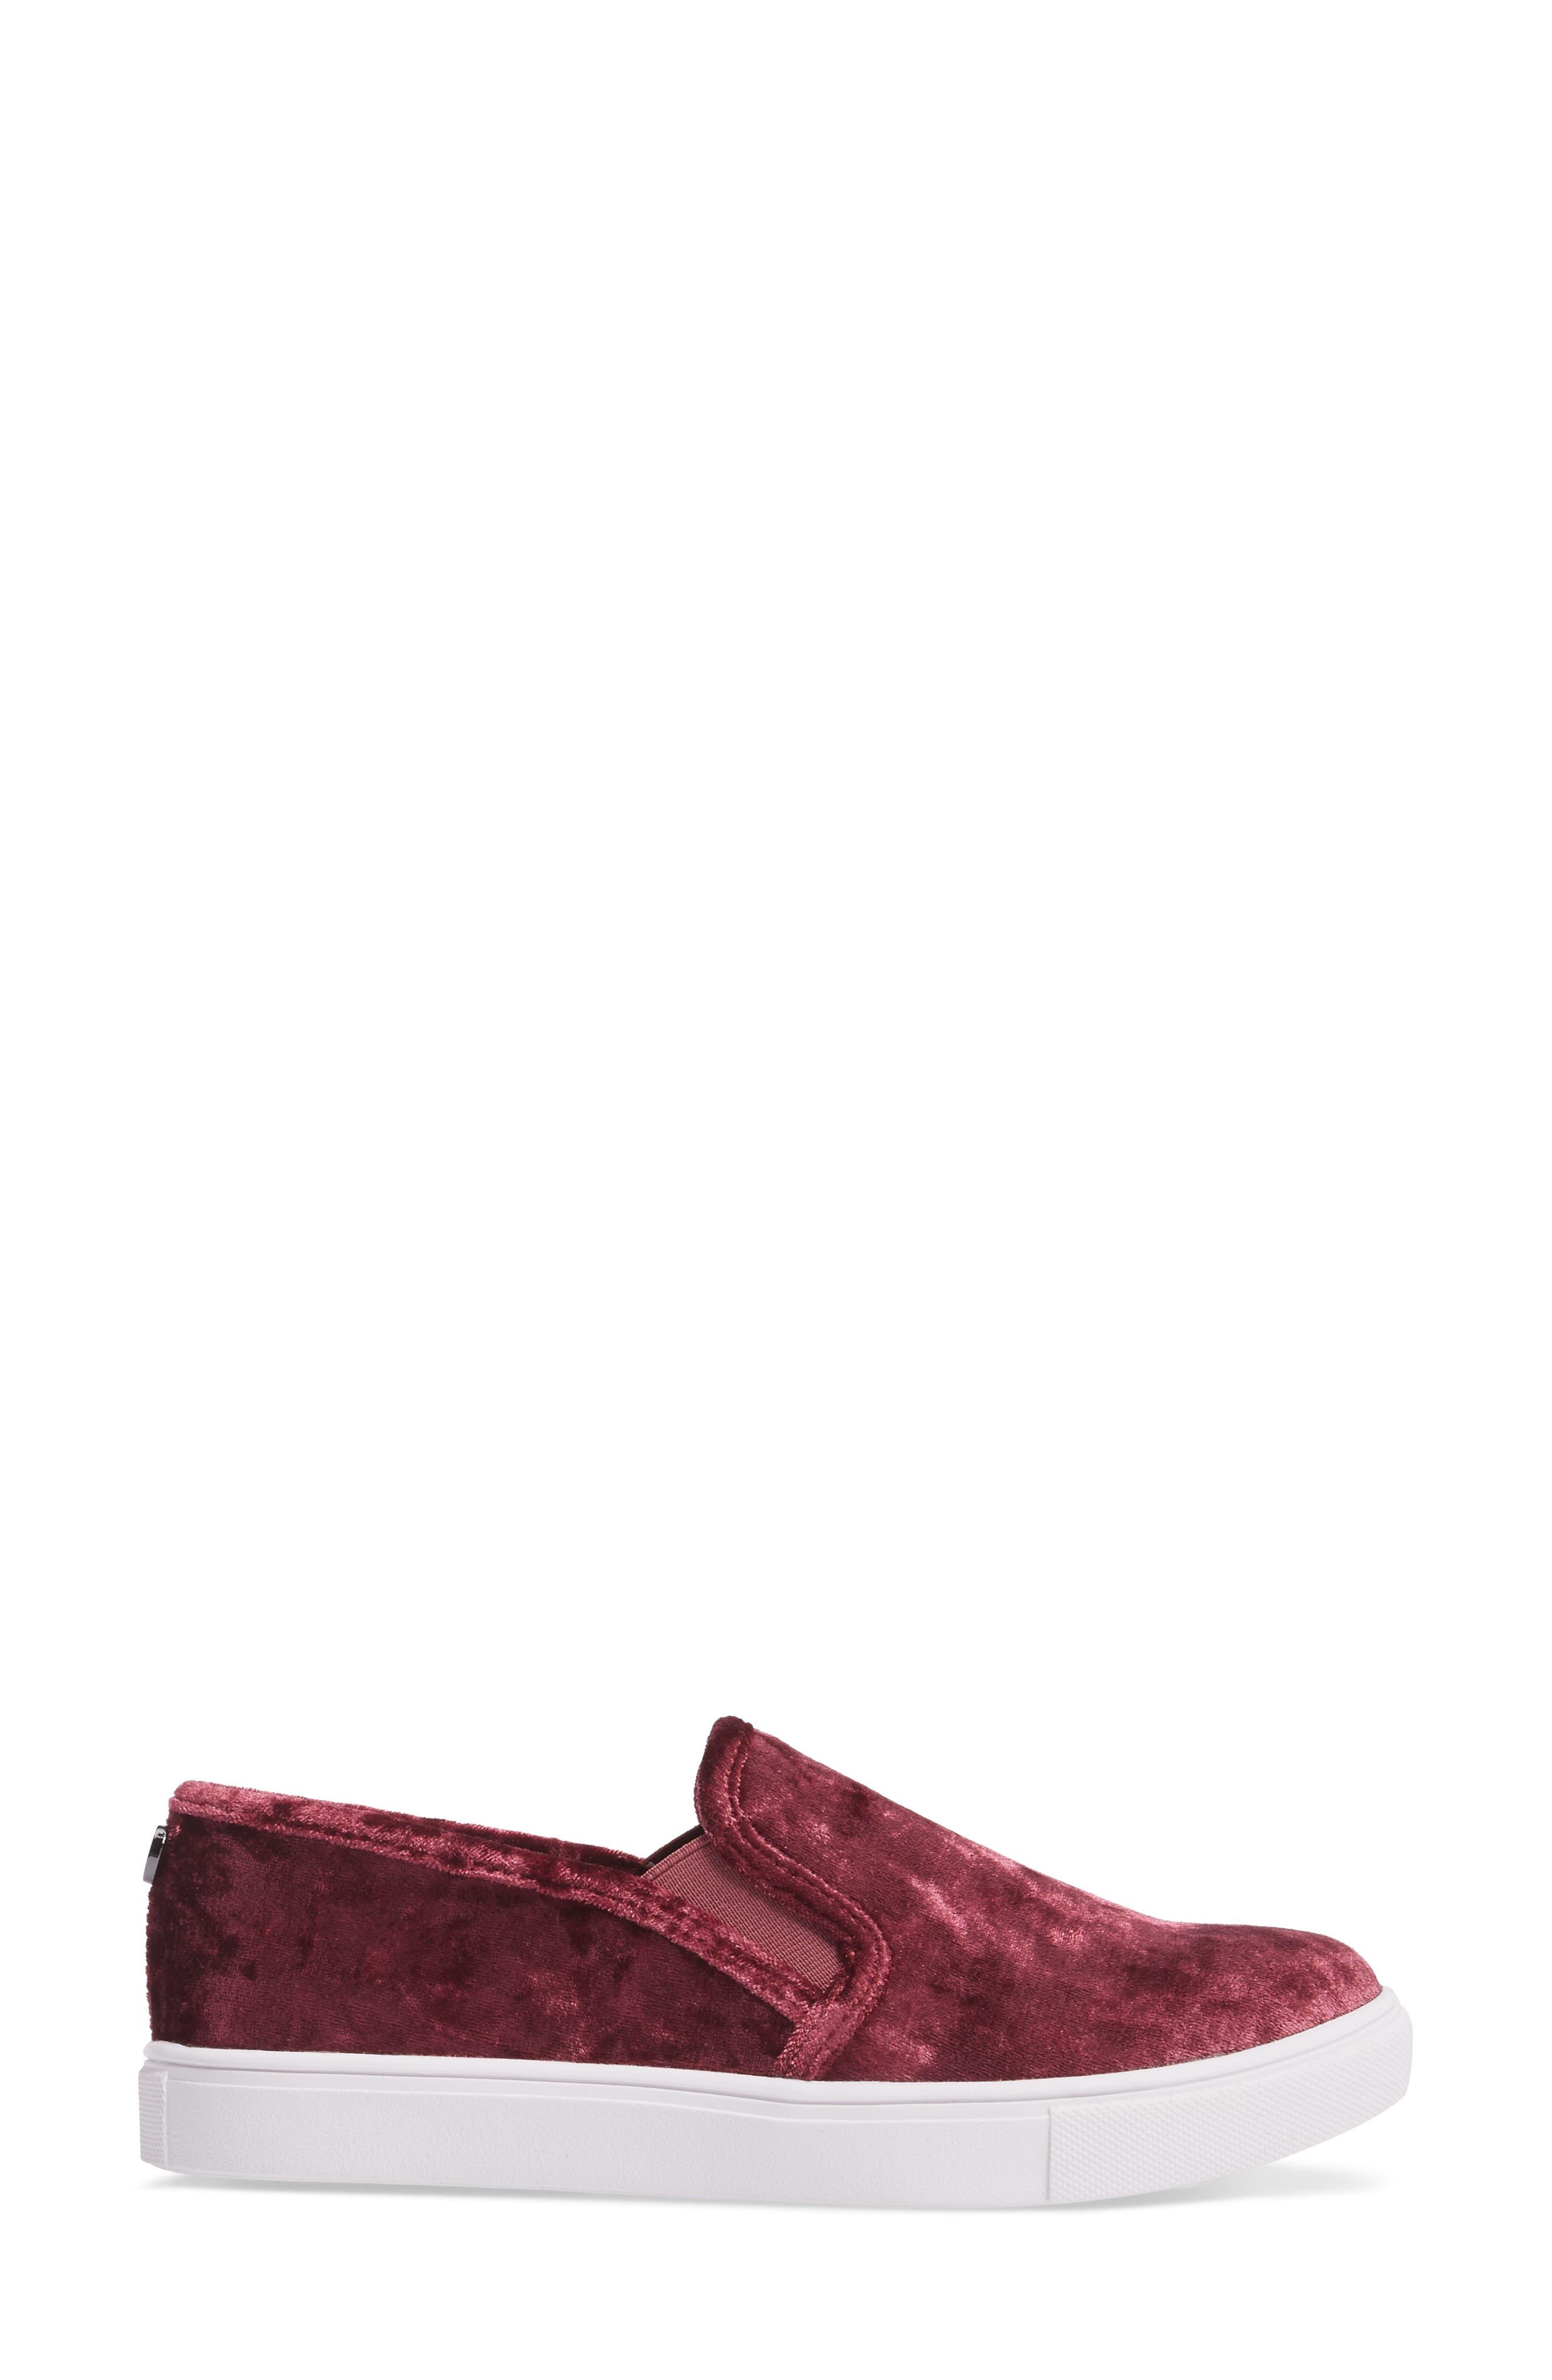 Alternate Image 3  - Steve Madden Ecntrcv Slip-On Sneaker (Women)